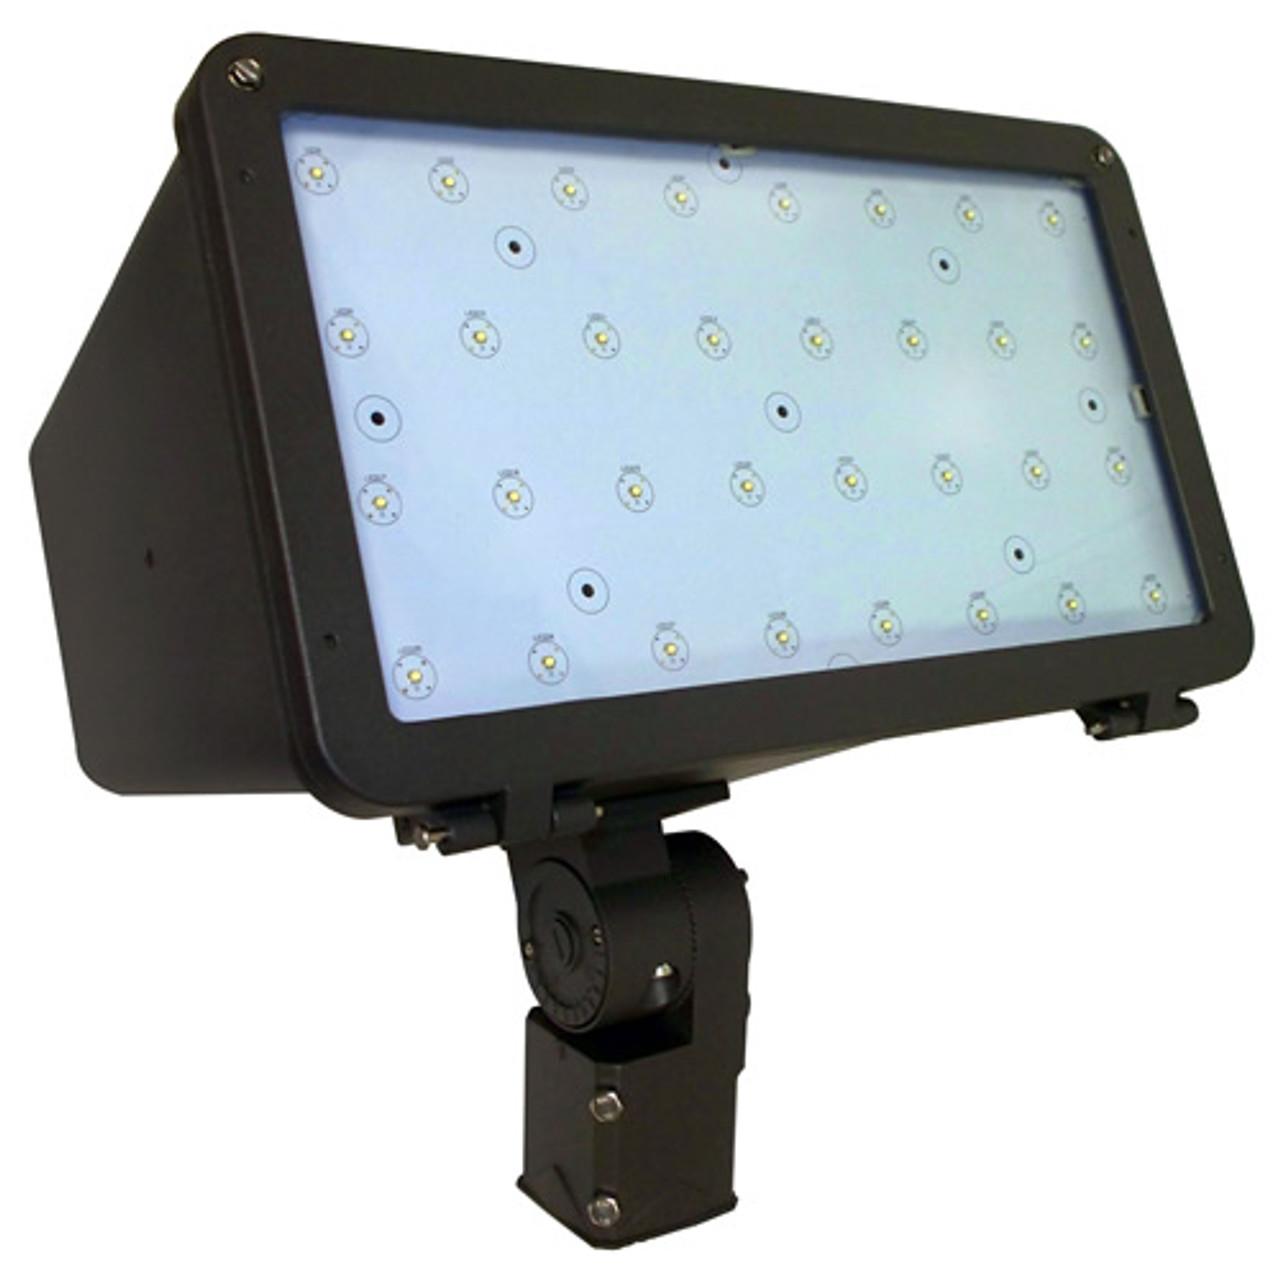 68 Watt LED Flood Light Slip-Fitter